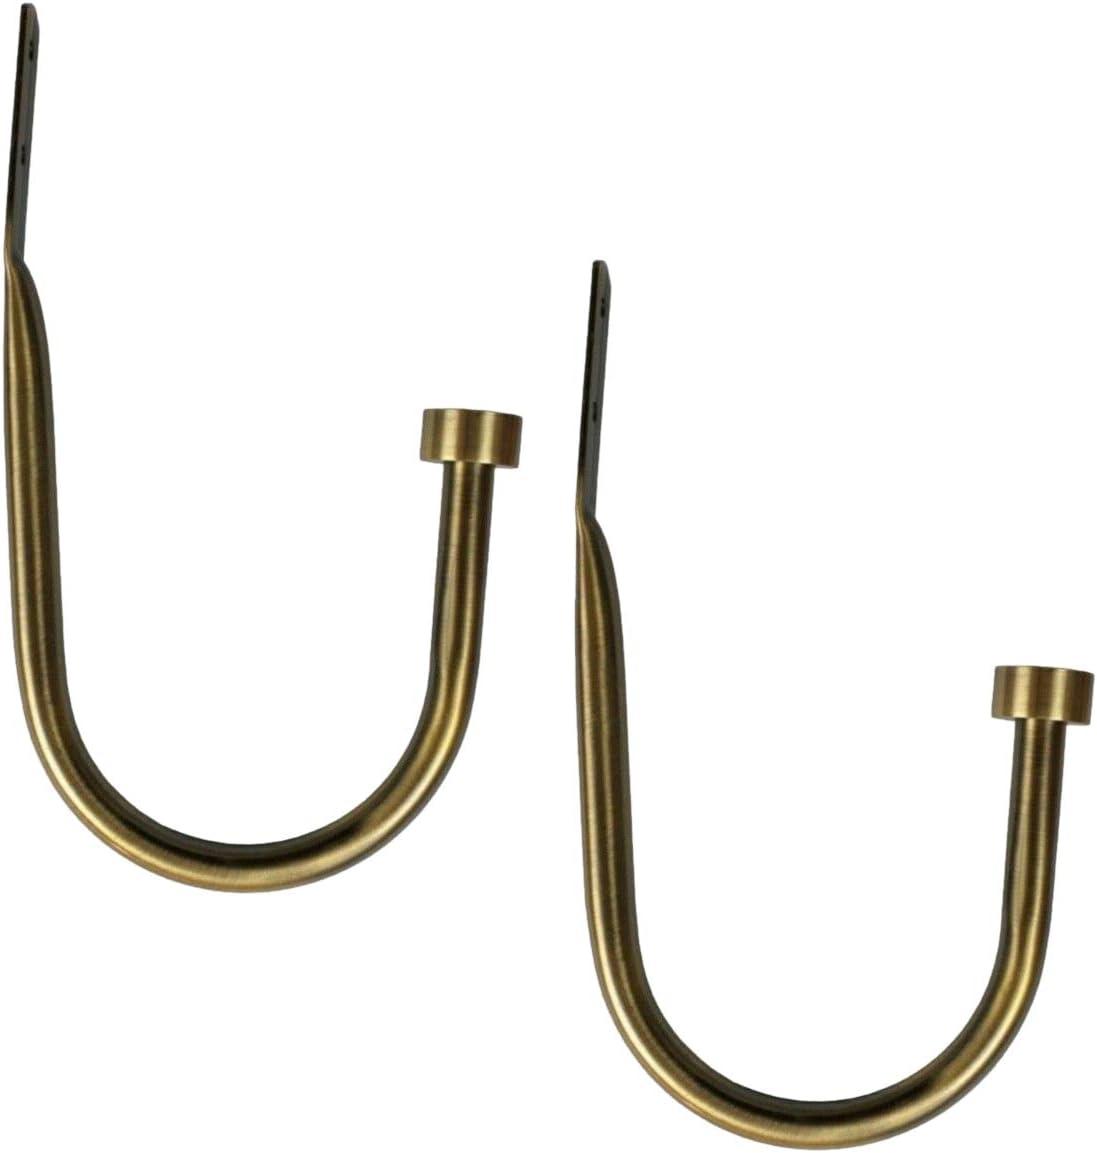 2X Raffhalter f/ür Gardinen Hook Metall Raffb/ügel Stilgarnituren Satin Matt